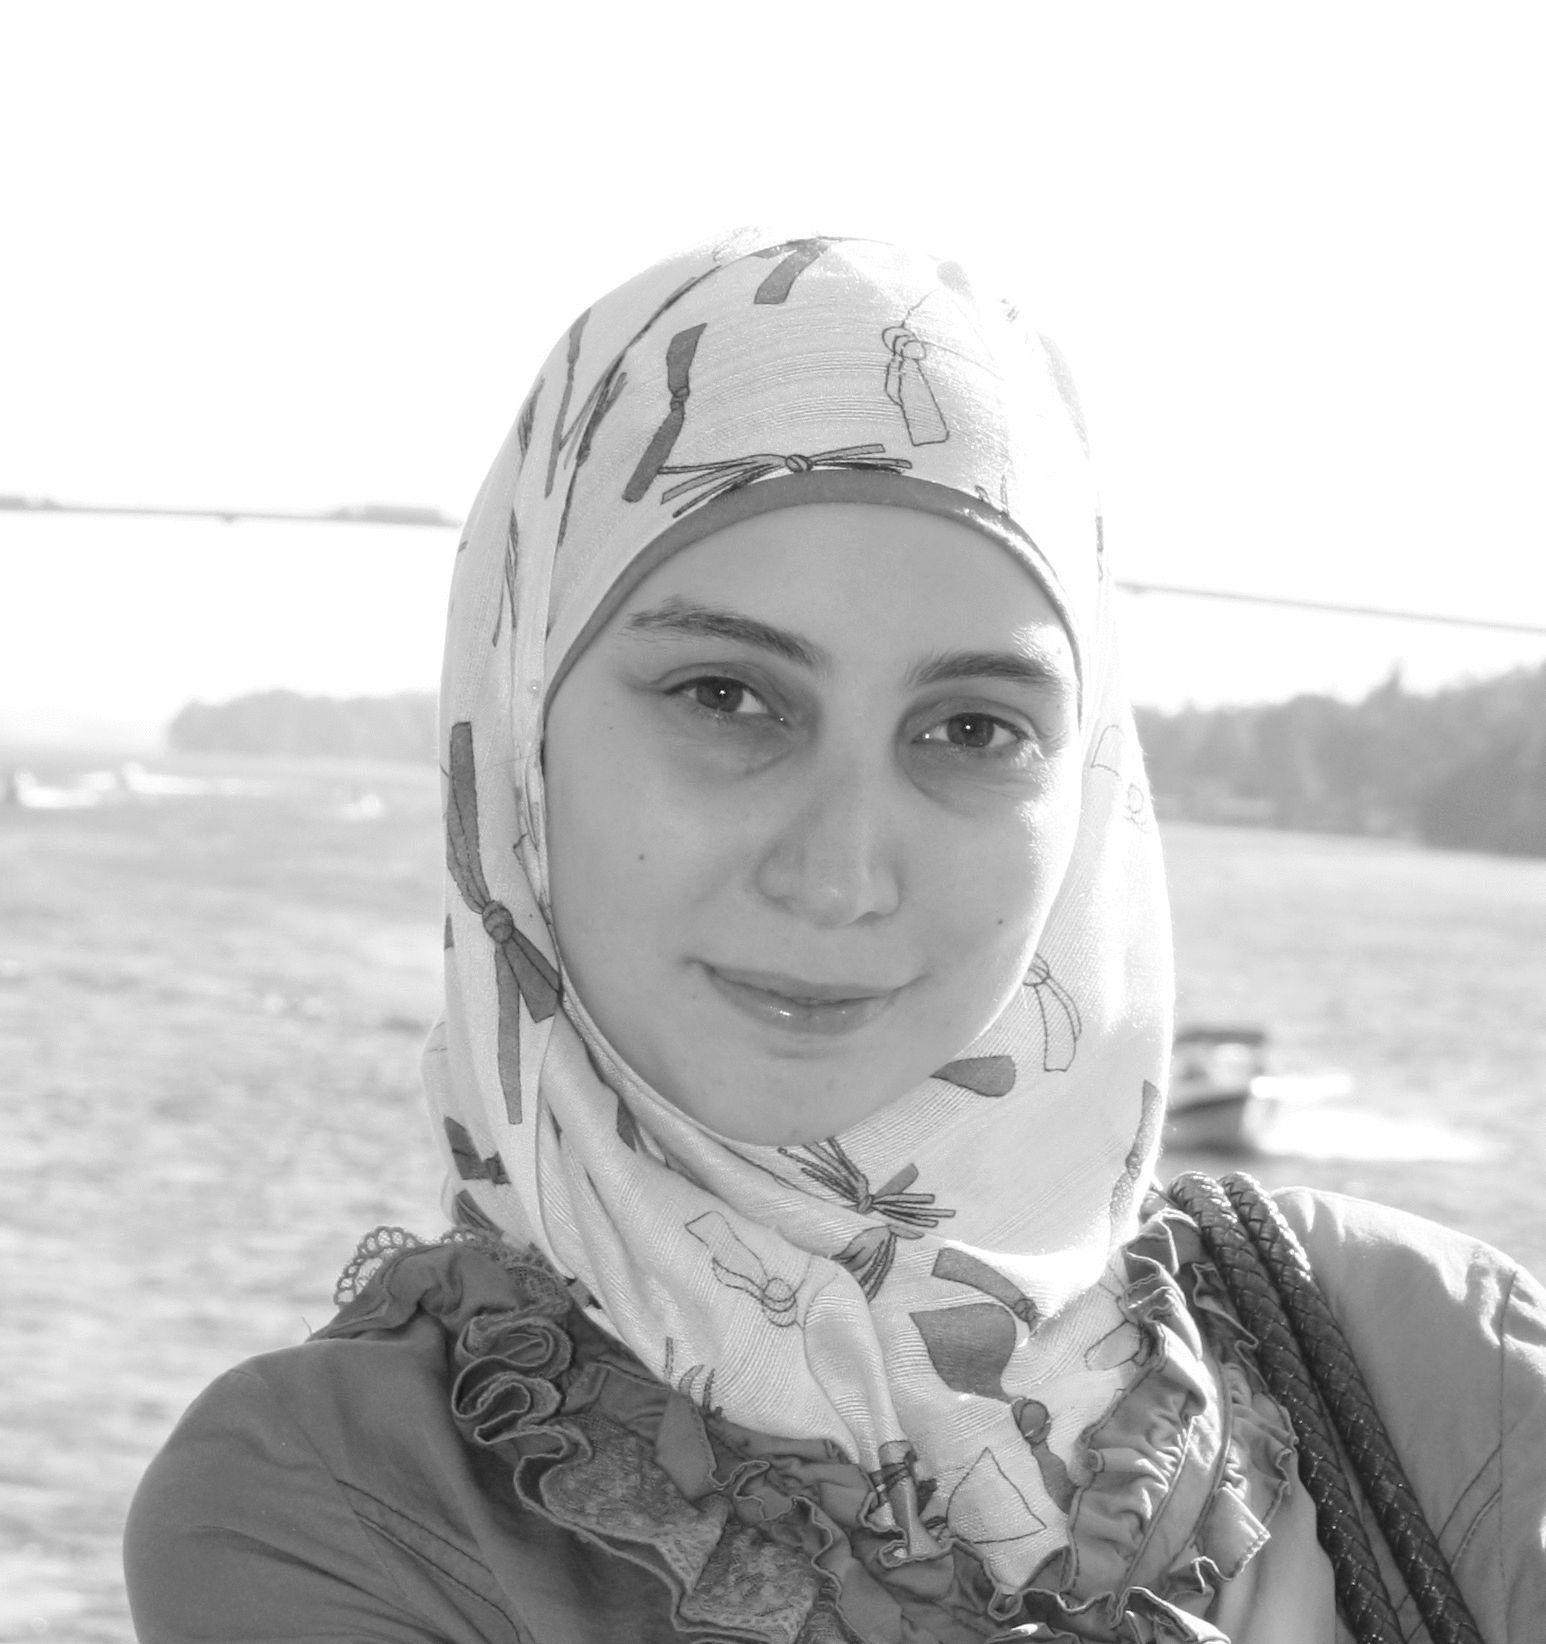 Baraah Zahran